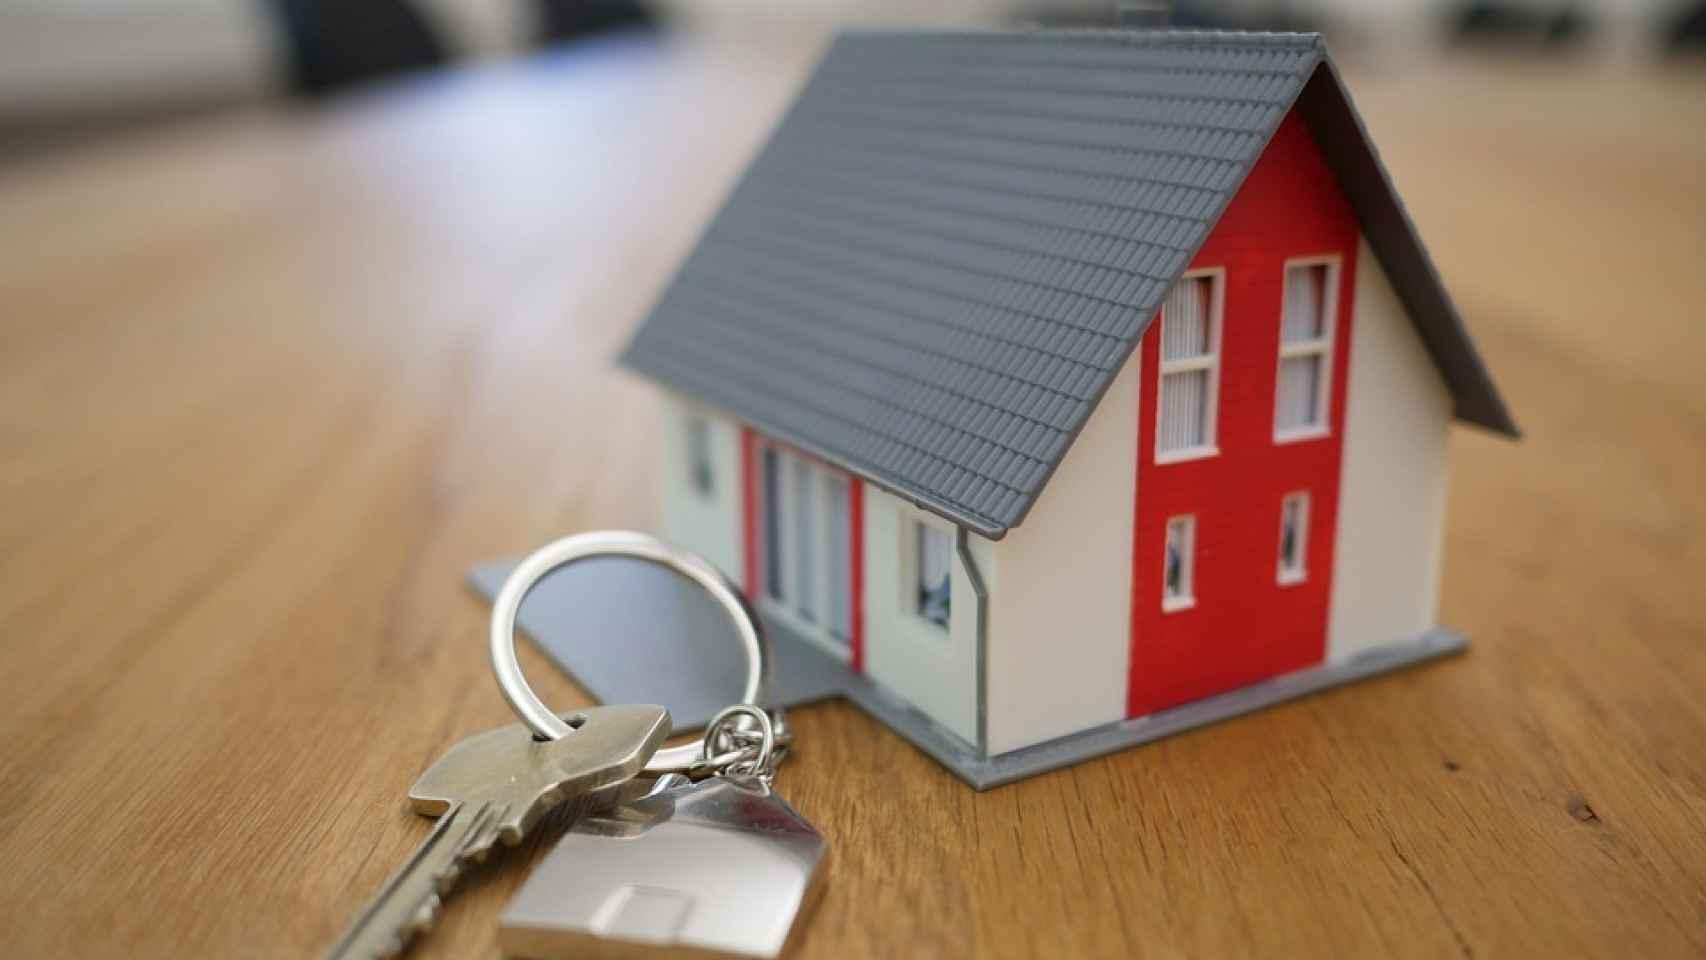 Montaje sobre el mercado inmobiliario.